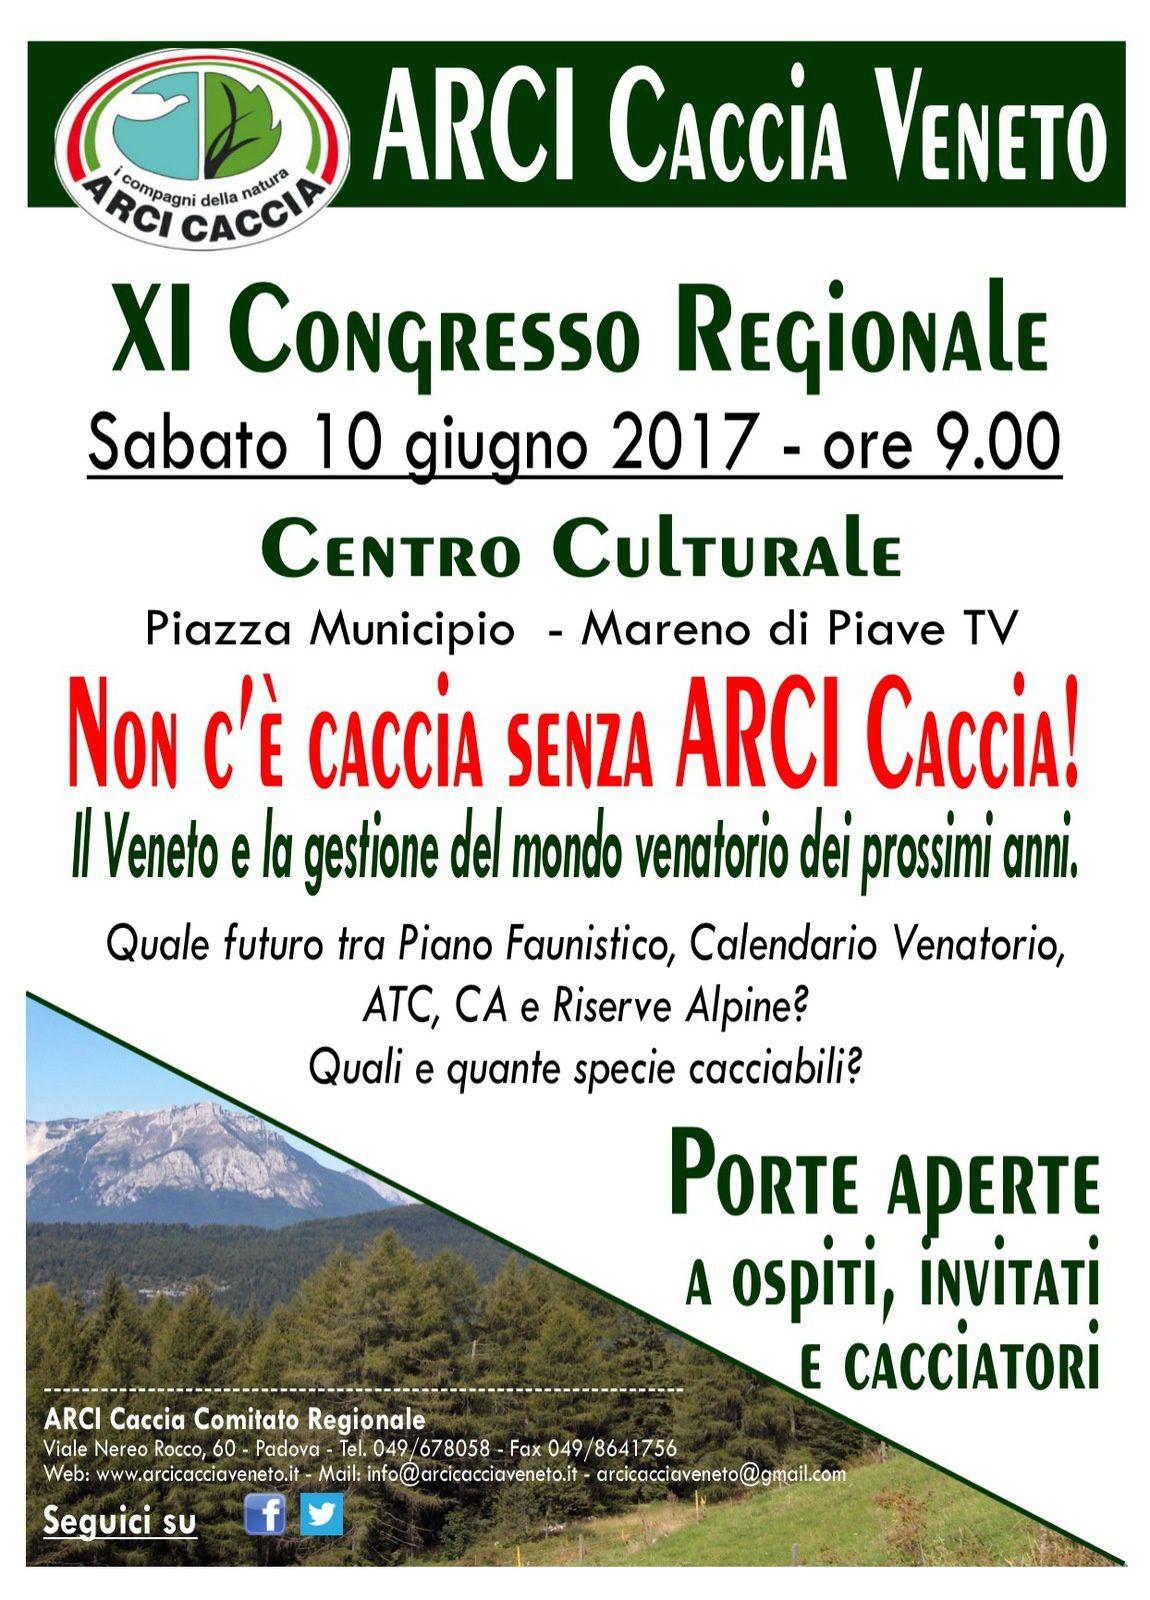 Il 10 Giugno a Mareno di Piave (TV), dalle ore 9, Congresso Regionale ARCI Caccia